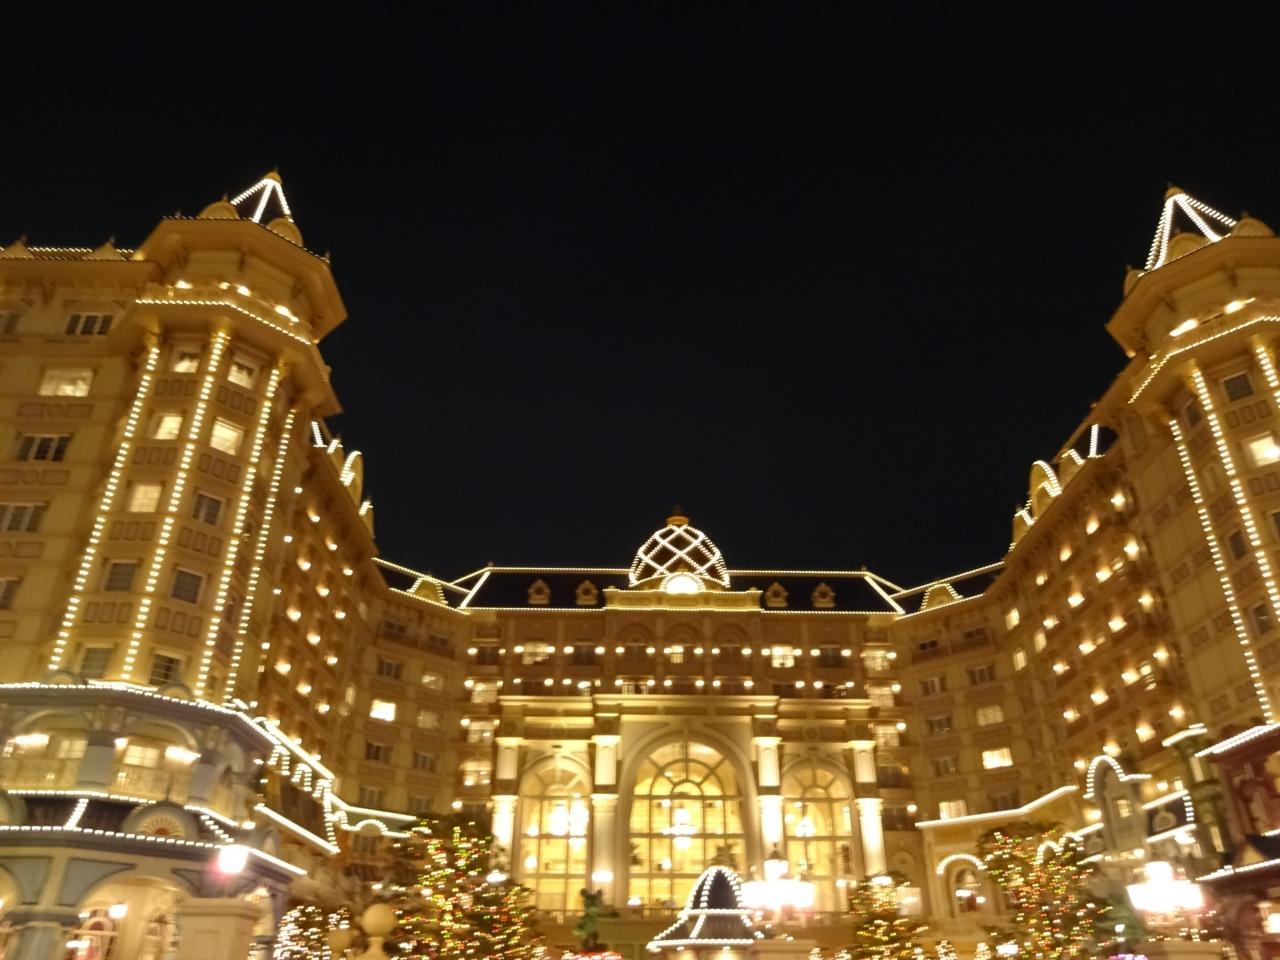 ディズニーランドホテル 旅行記:2013(パーク・食事編)』東京